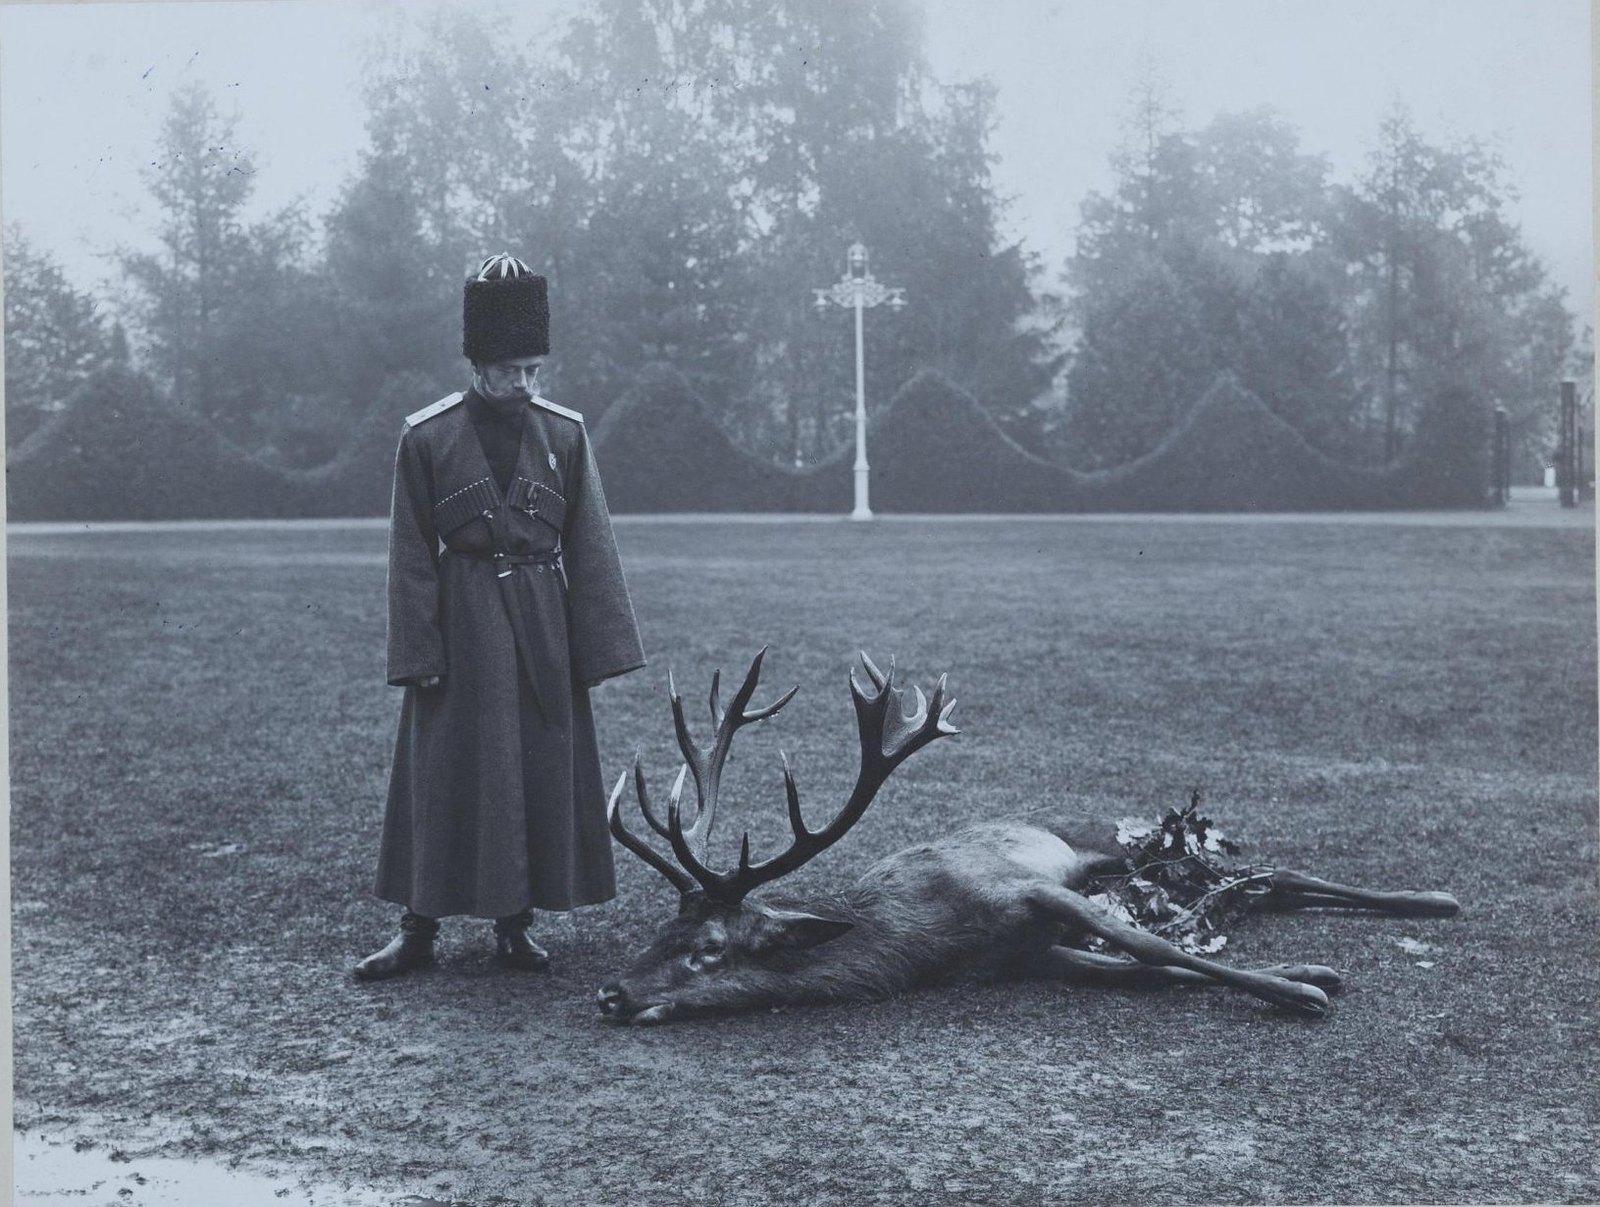 1912. Император Николай II около убитого оленя. Сентябрь